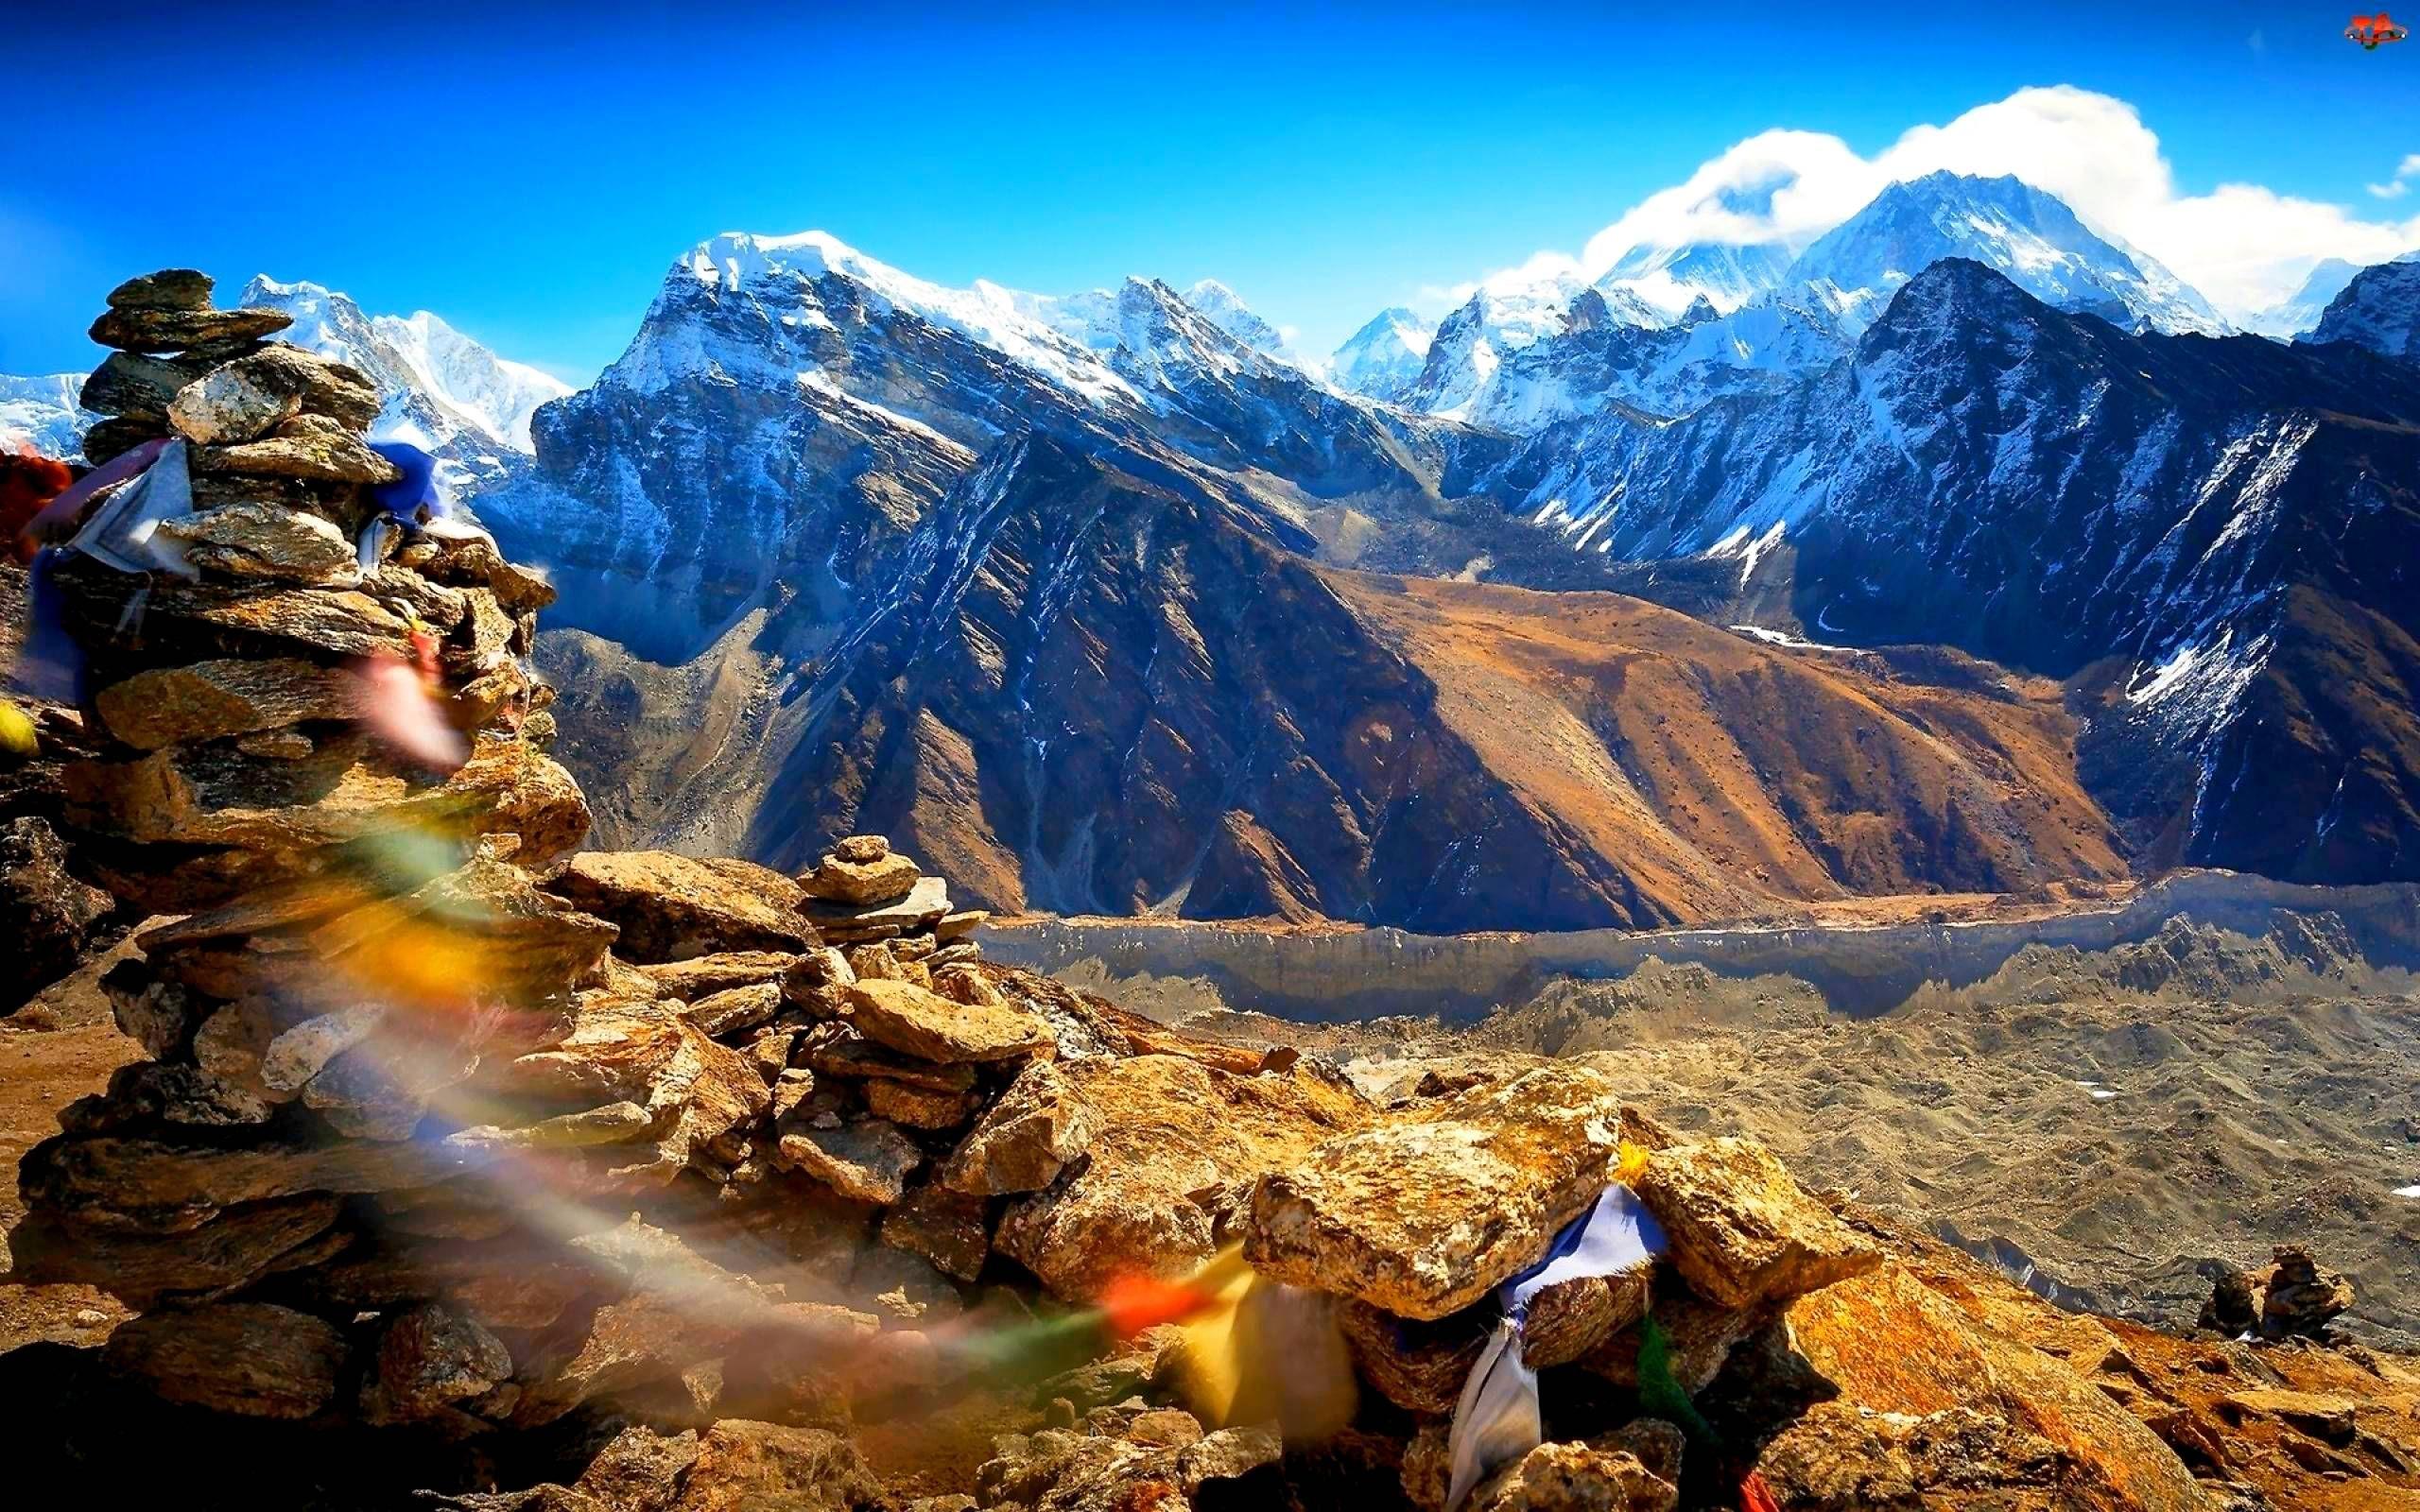 tibet wallpapers - wallpaper cave | tibet | pinterest | tibet